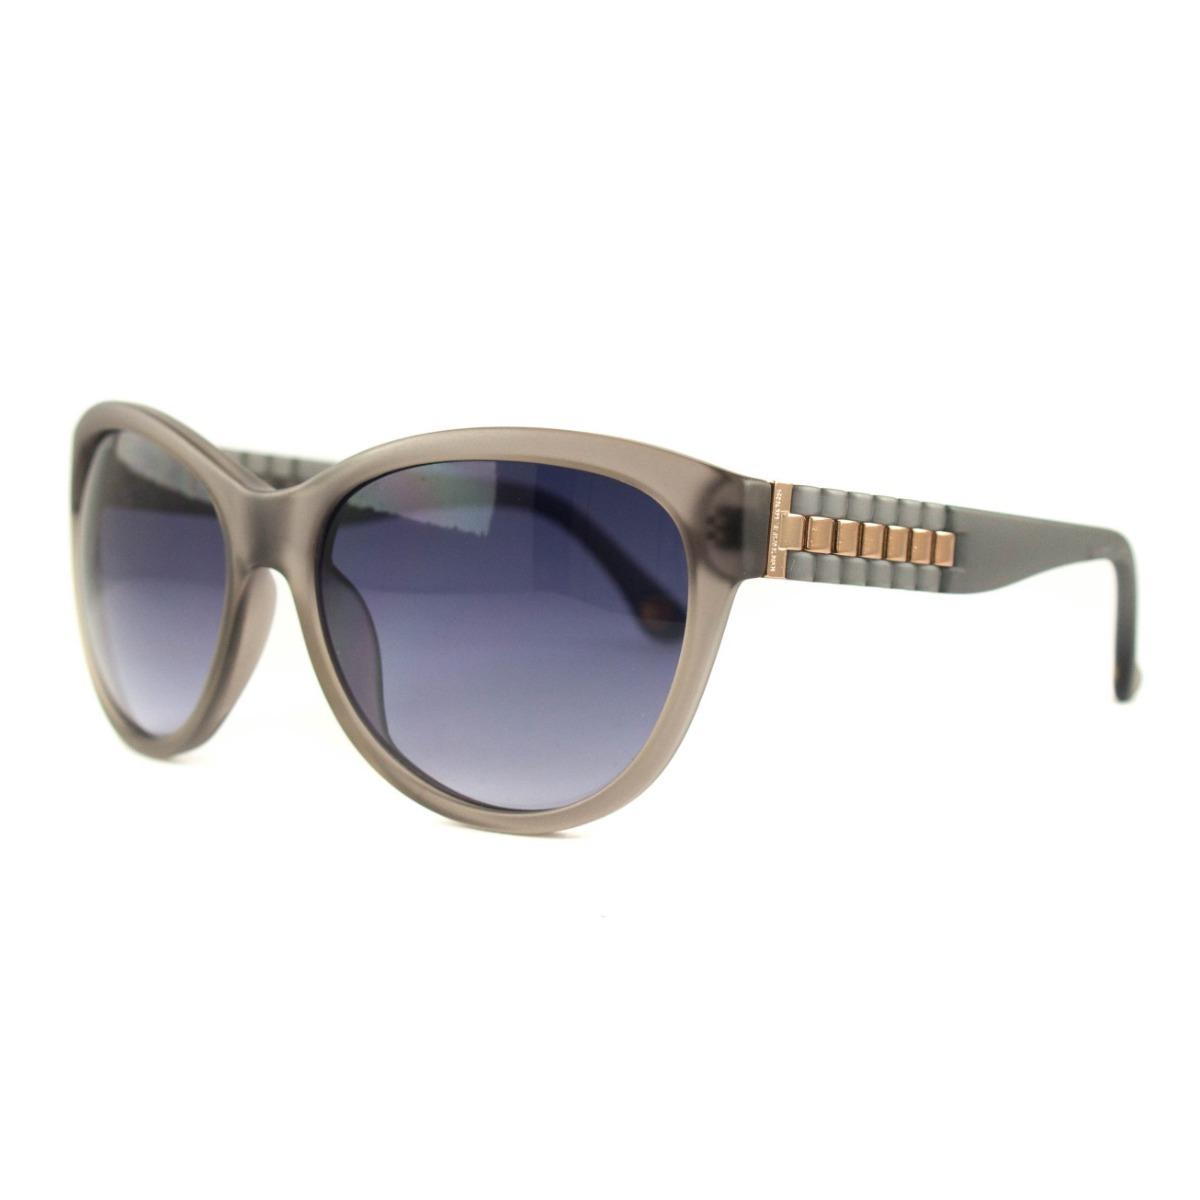 52b4e8000461b óculos de sol michael kors - olivia m2885s - cinza. Carregando zoom.